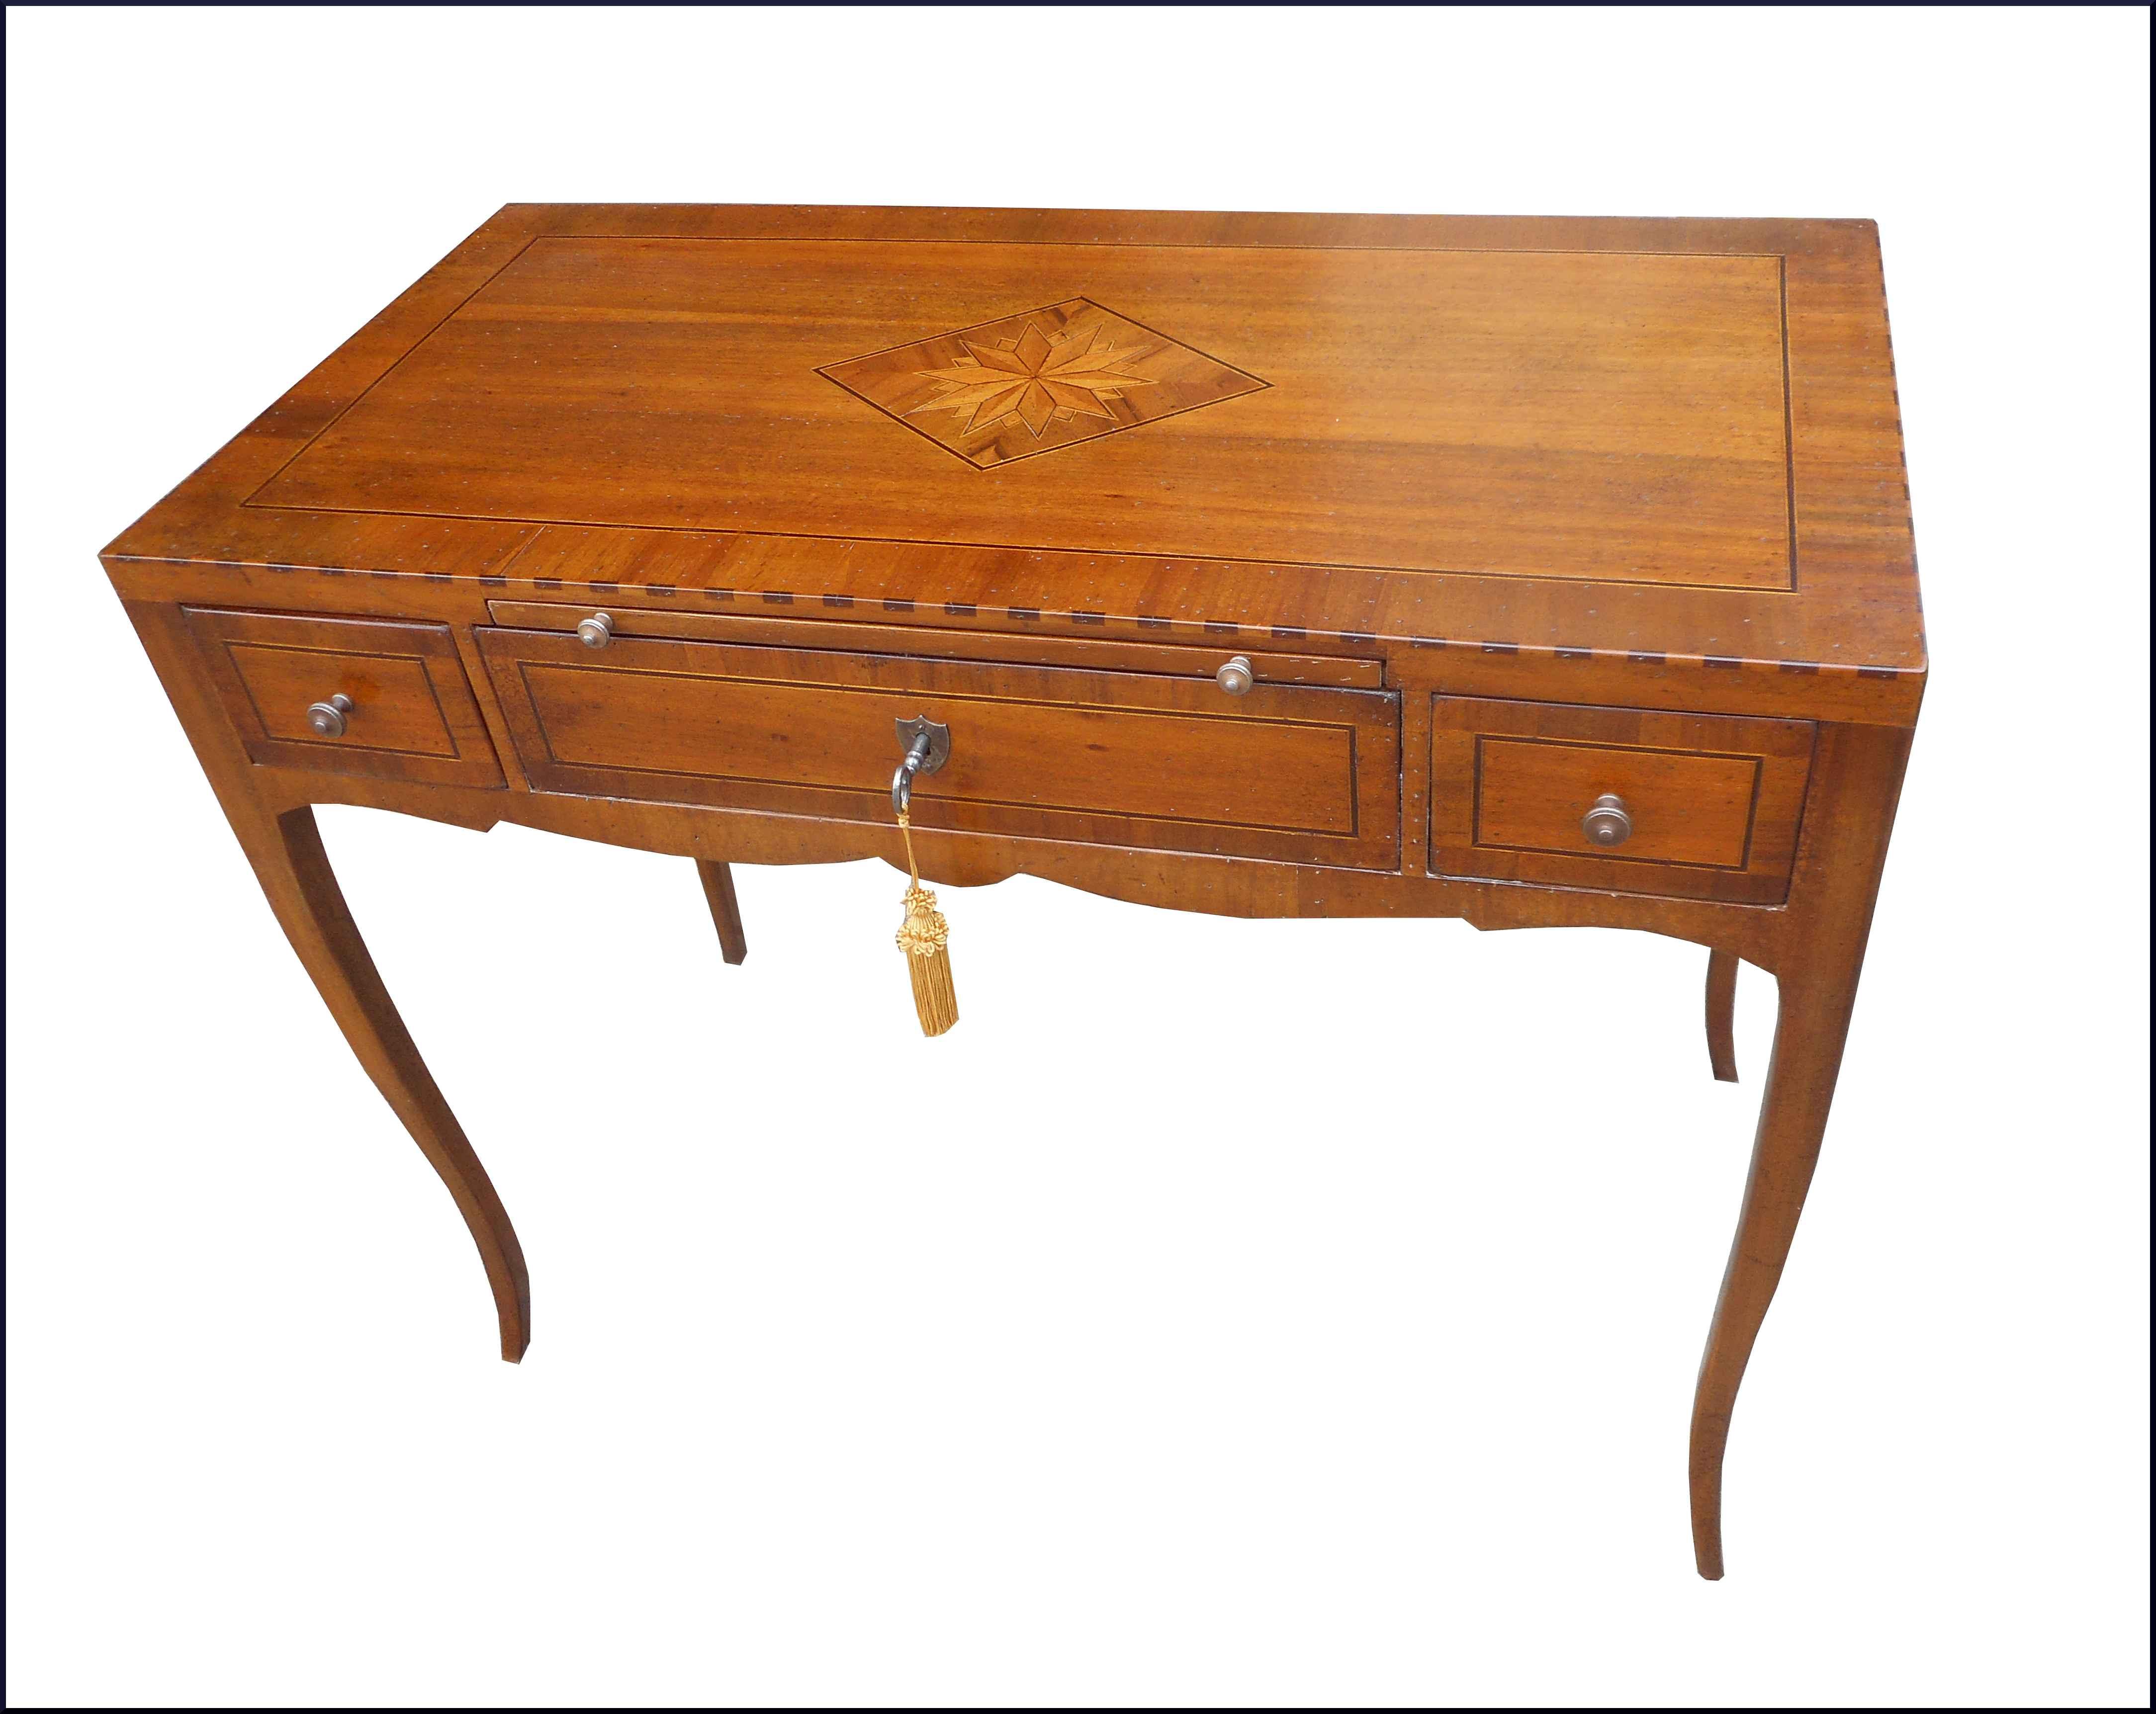 La commode di davide corno, mobili antichi restaurati e riprodotti